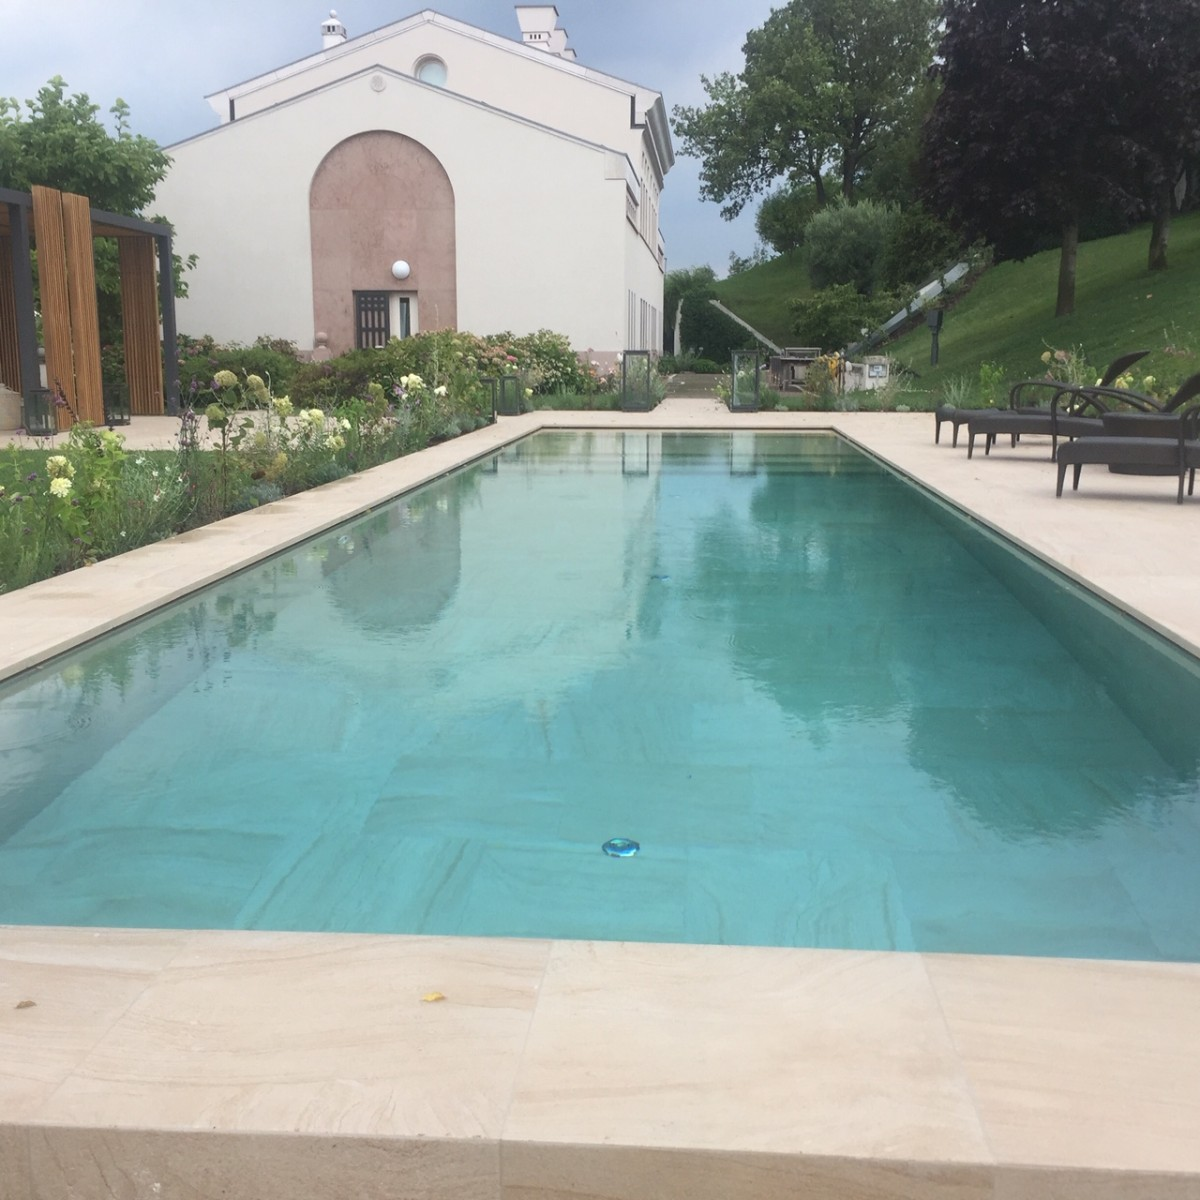 piscina-privata-montecchio-maggiore-vicenza-5